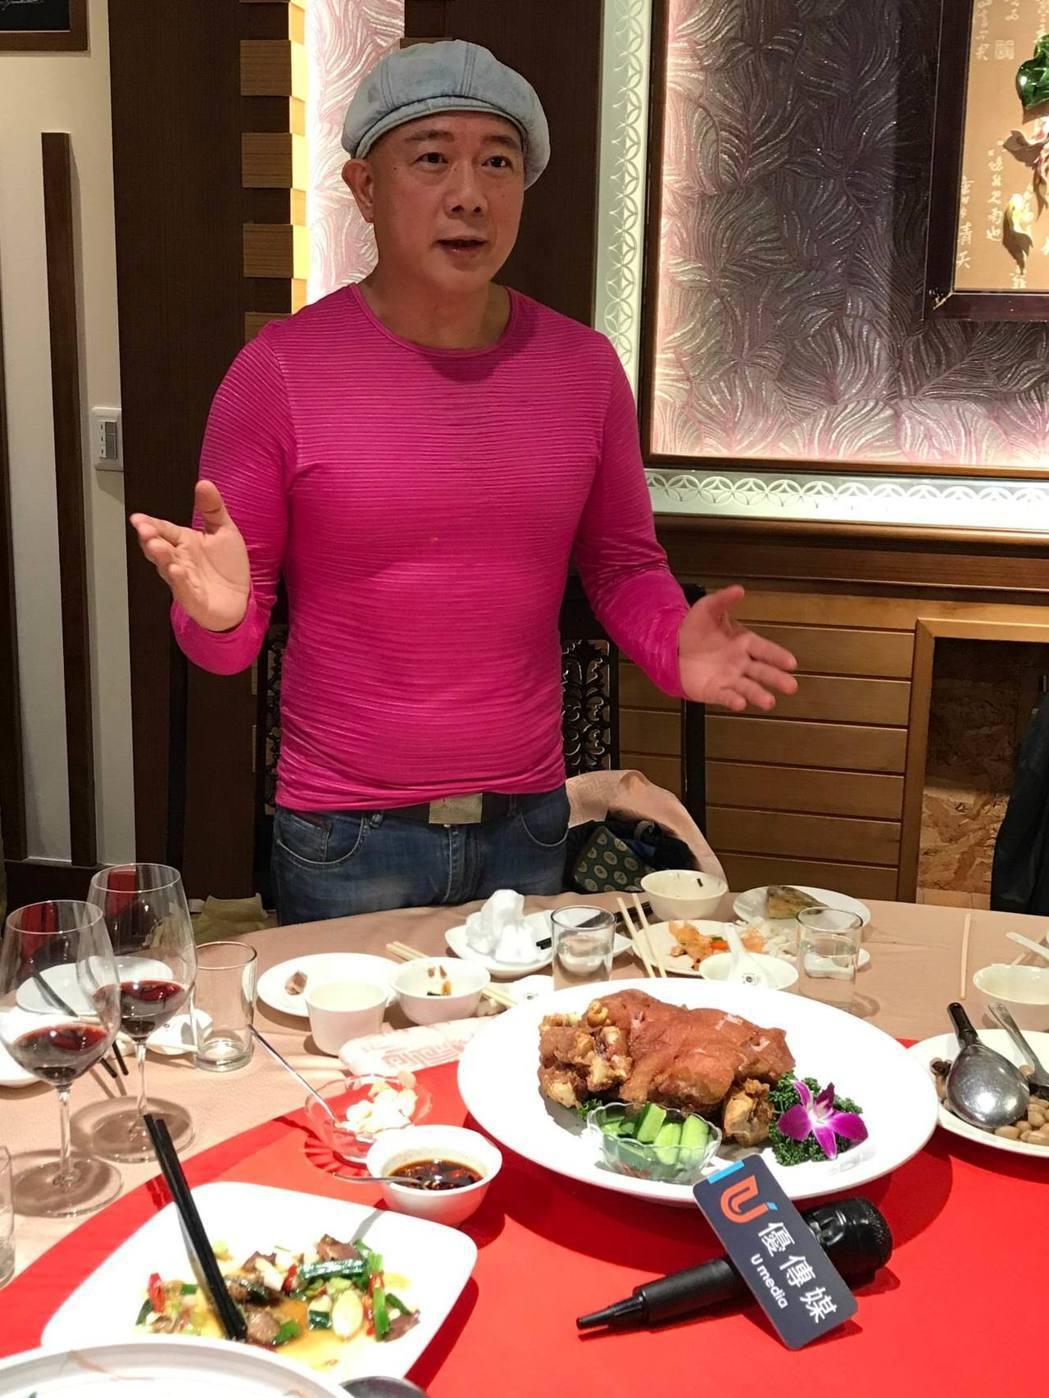 名廚雷蒙老師對軍友餐廳母親節桌菜的「香酥狀元蹄」情有獨鍾,是強力推薦的功夫菜。項...